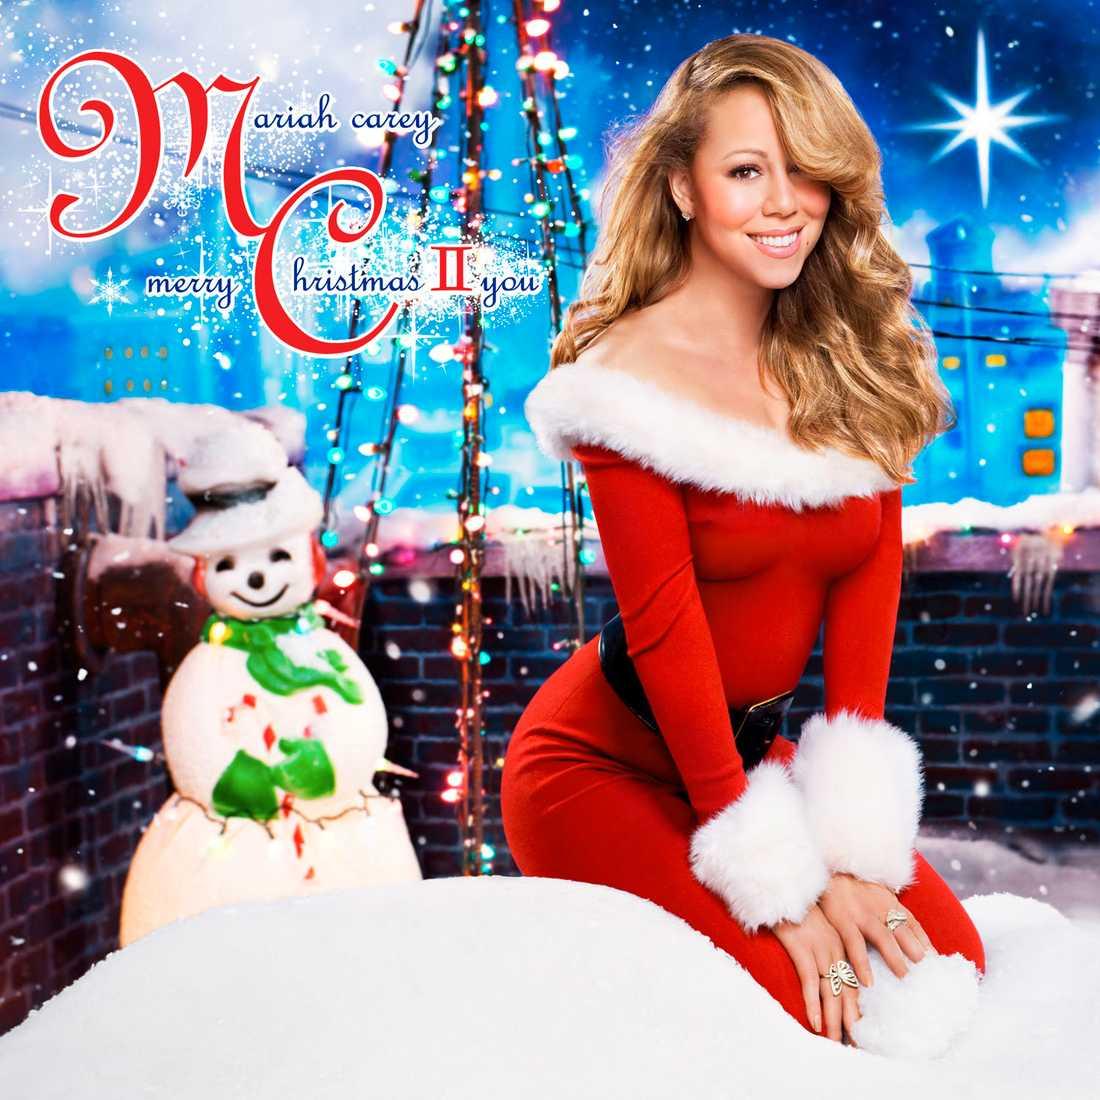 Mariah Carey är van vid att vara julig.